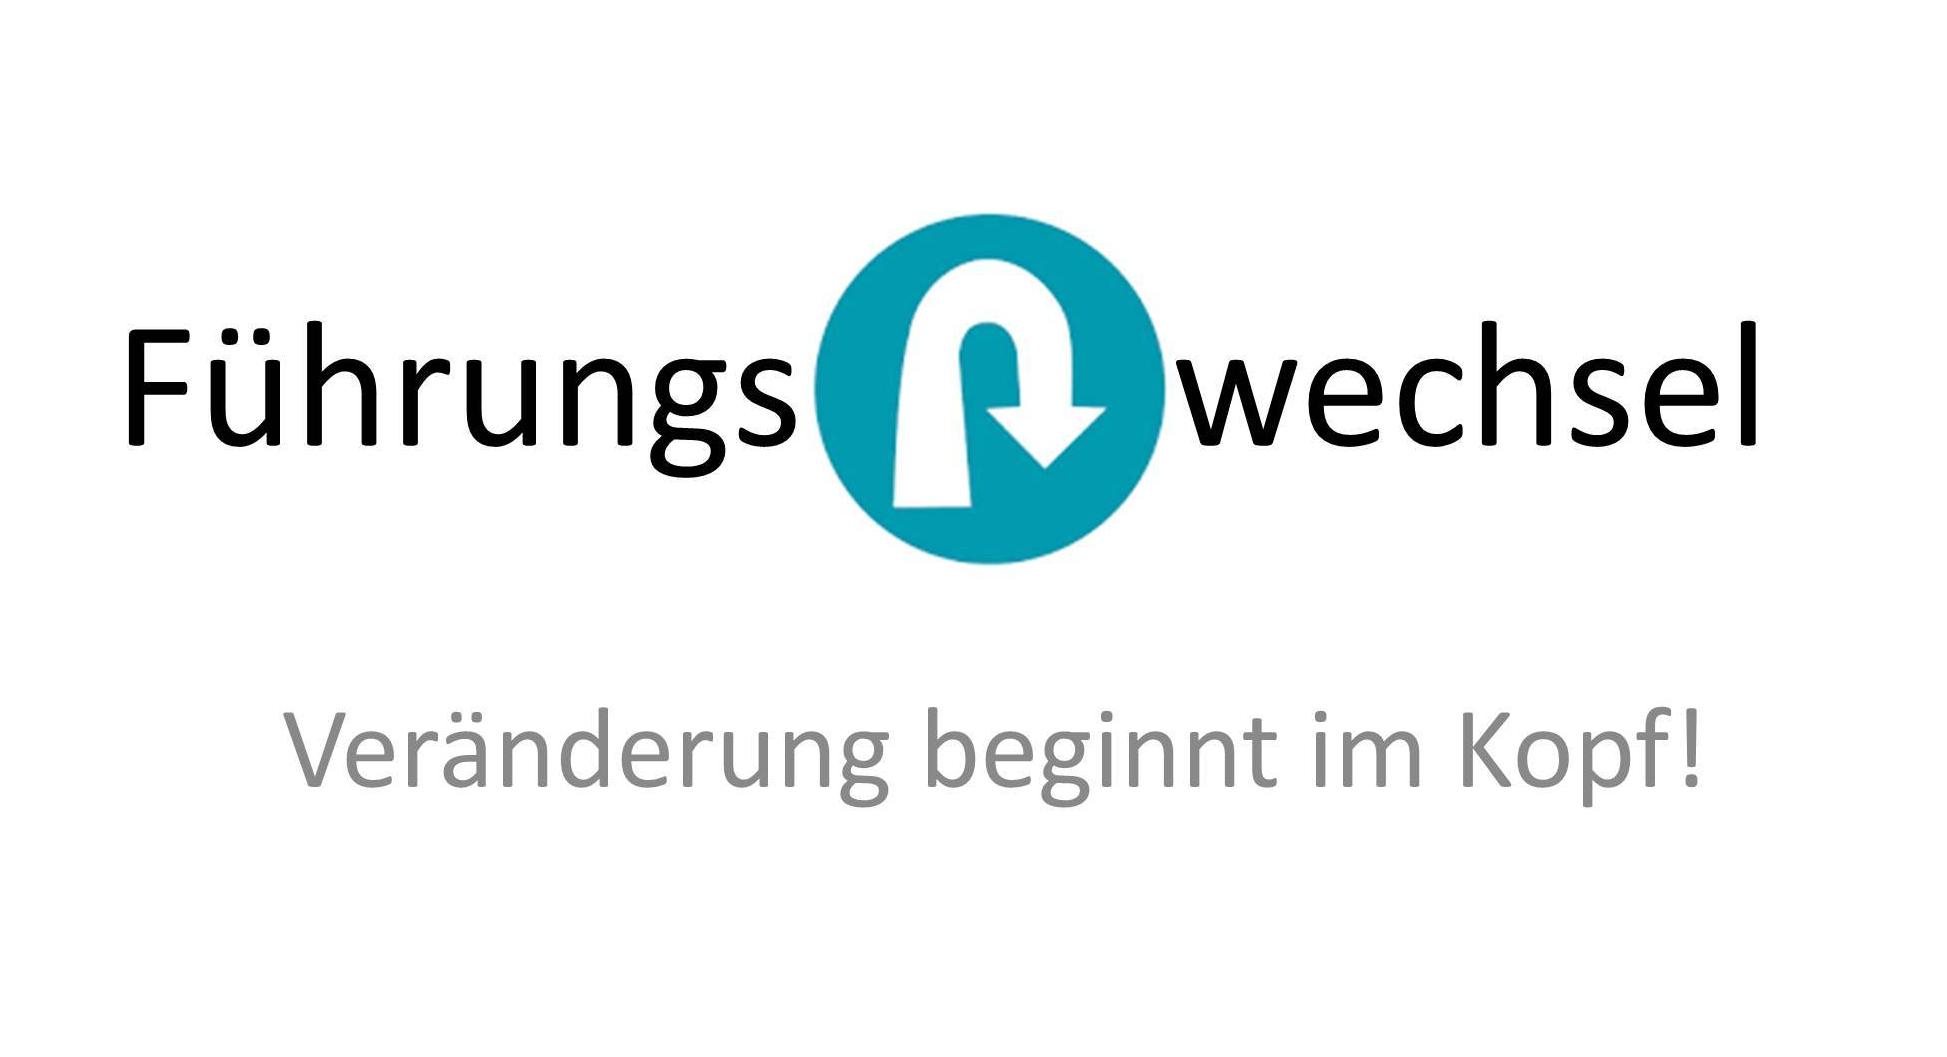 fuehrungswechsel-uturn-logo-mit-slogan.jpg